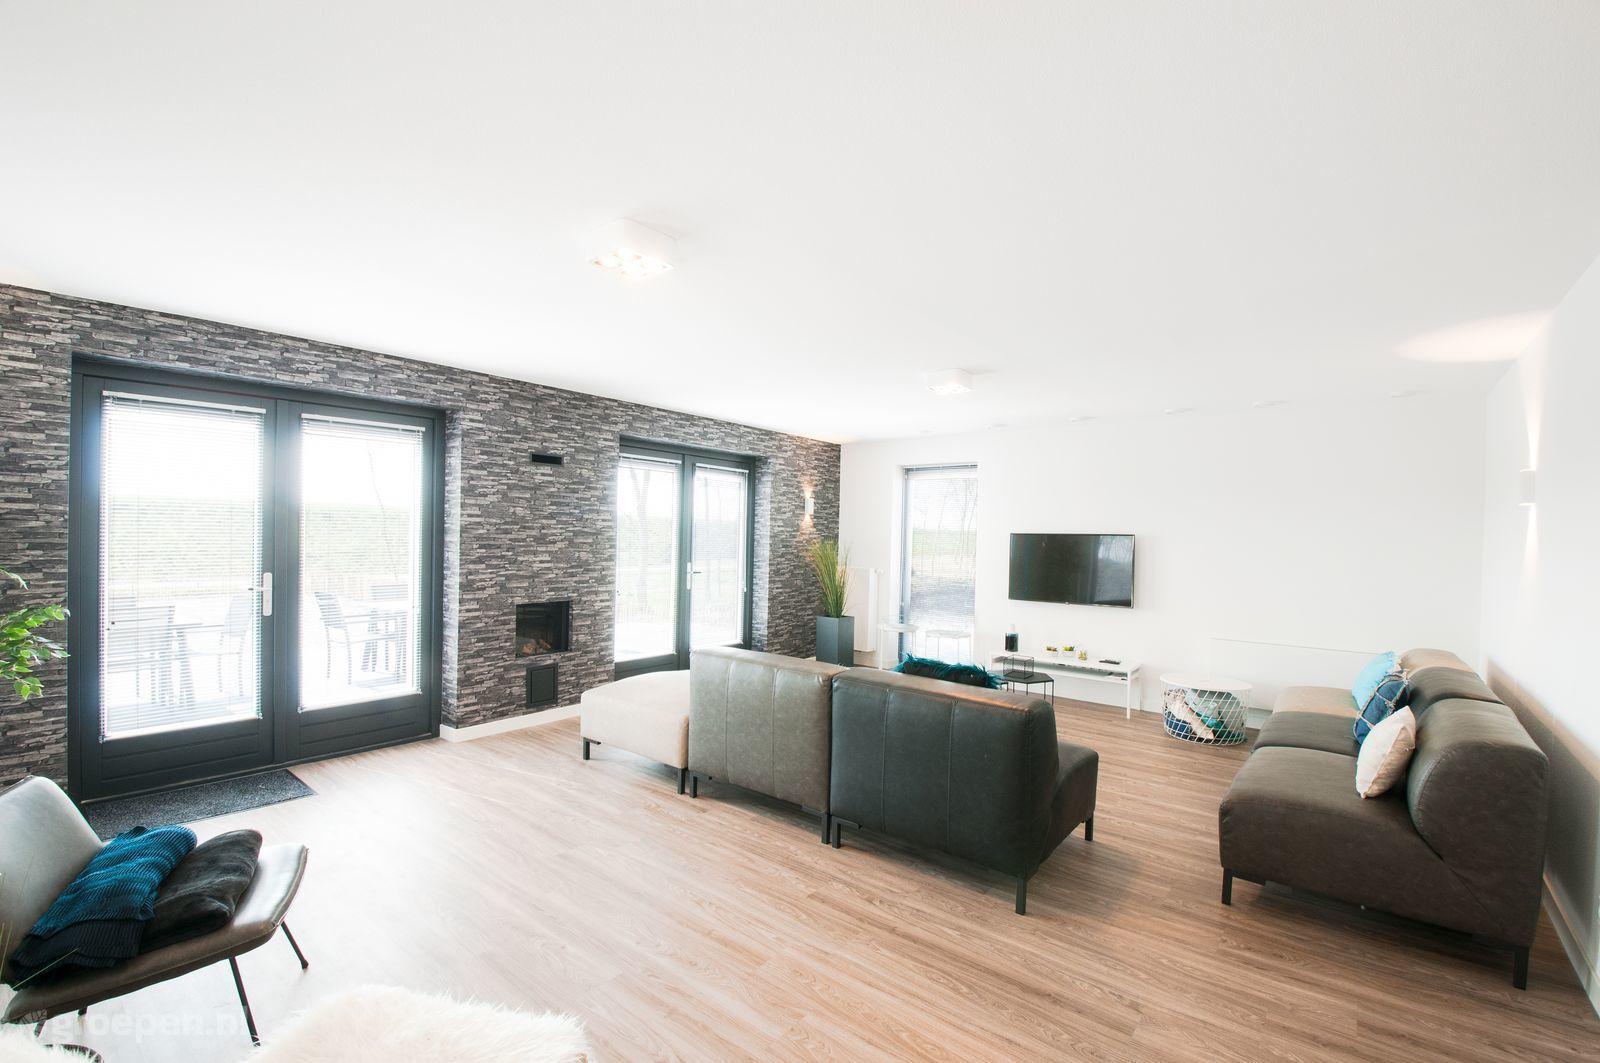 Group accommodation Tholen